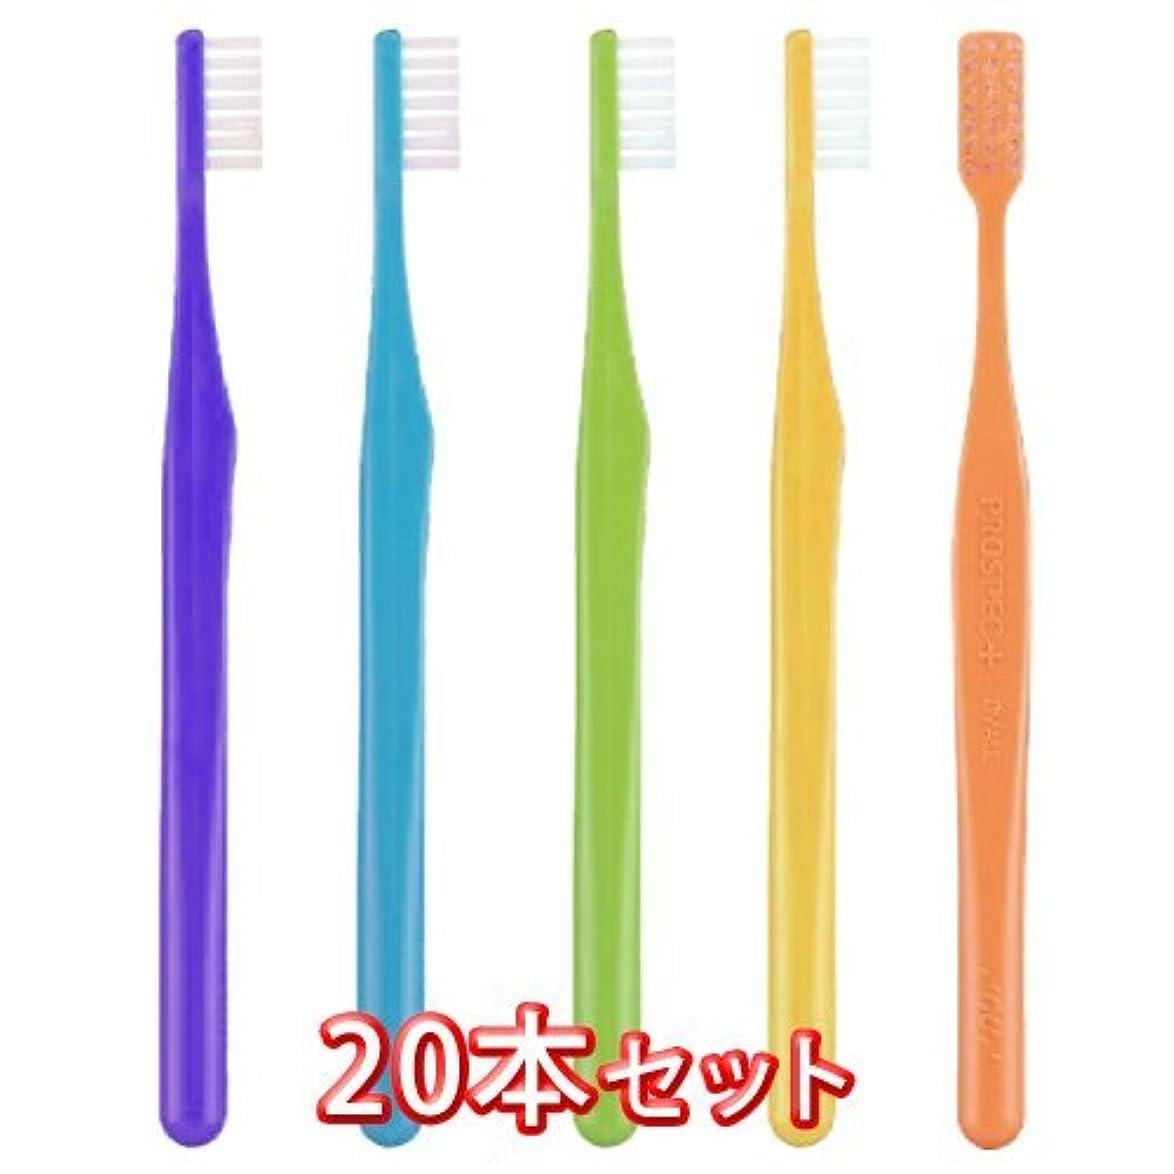 主権者任命する見つけるプロスペック プラス 歯ブラシ 20本入 スモール